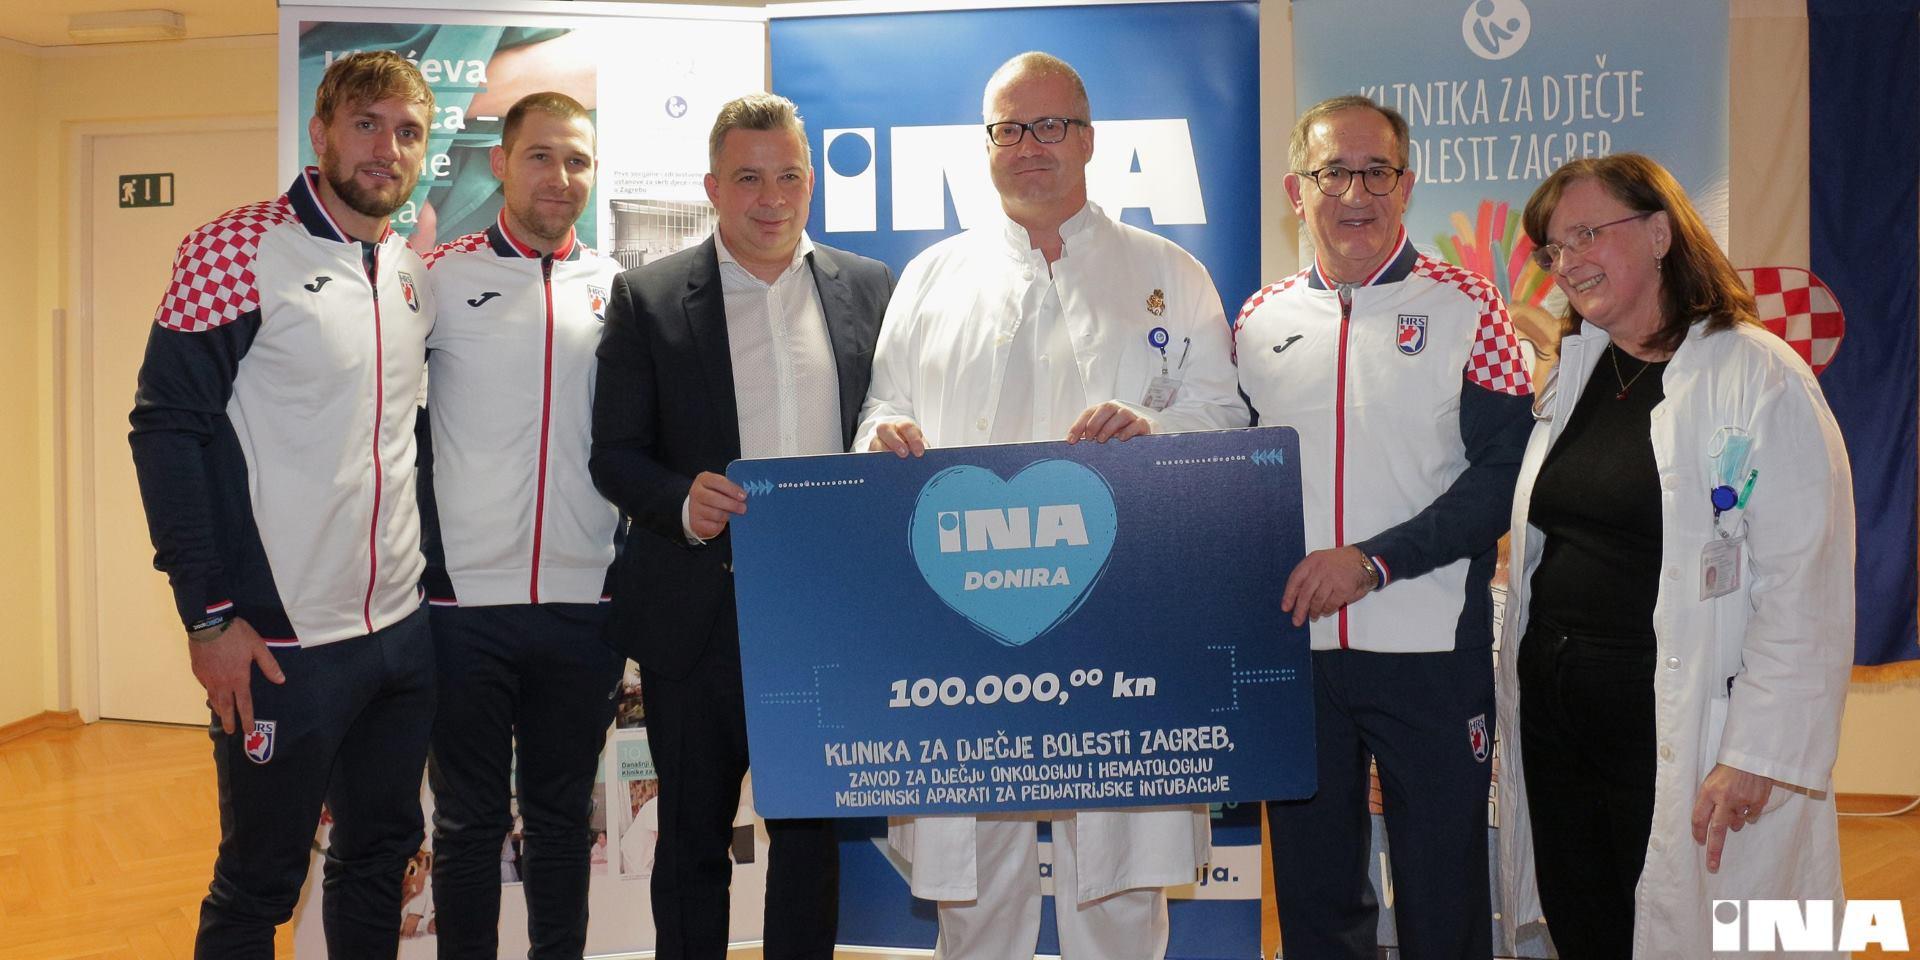 INA uz pomoć hrvatskih rukometnih reprezentativaca uručila donaciju Klinici za dječje bolesti Zagreb